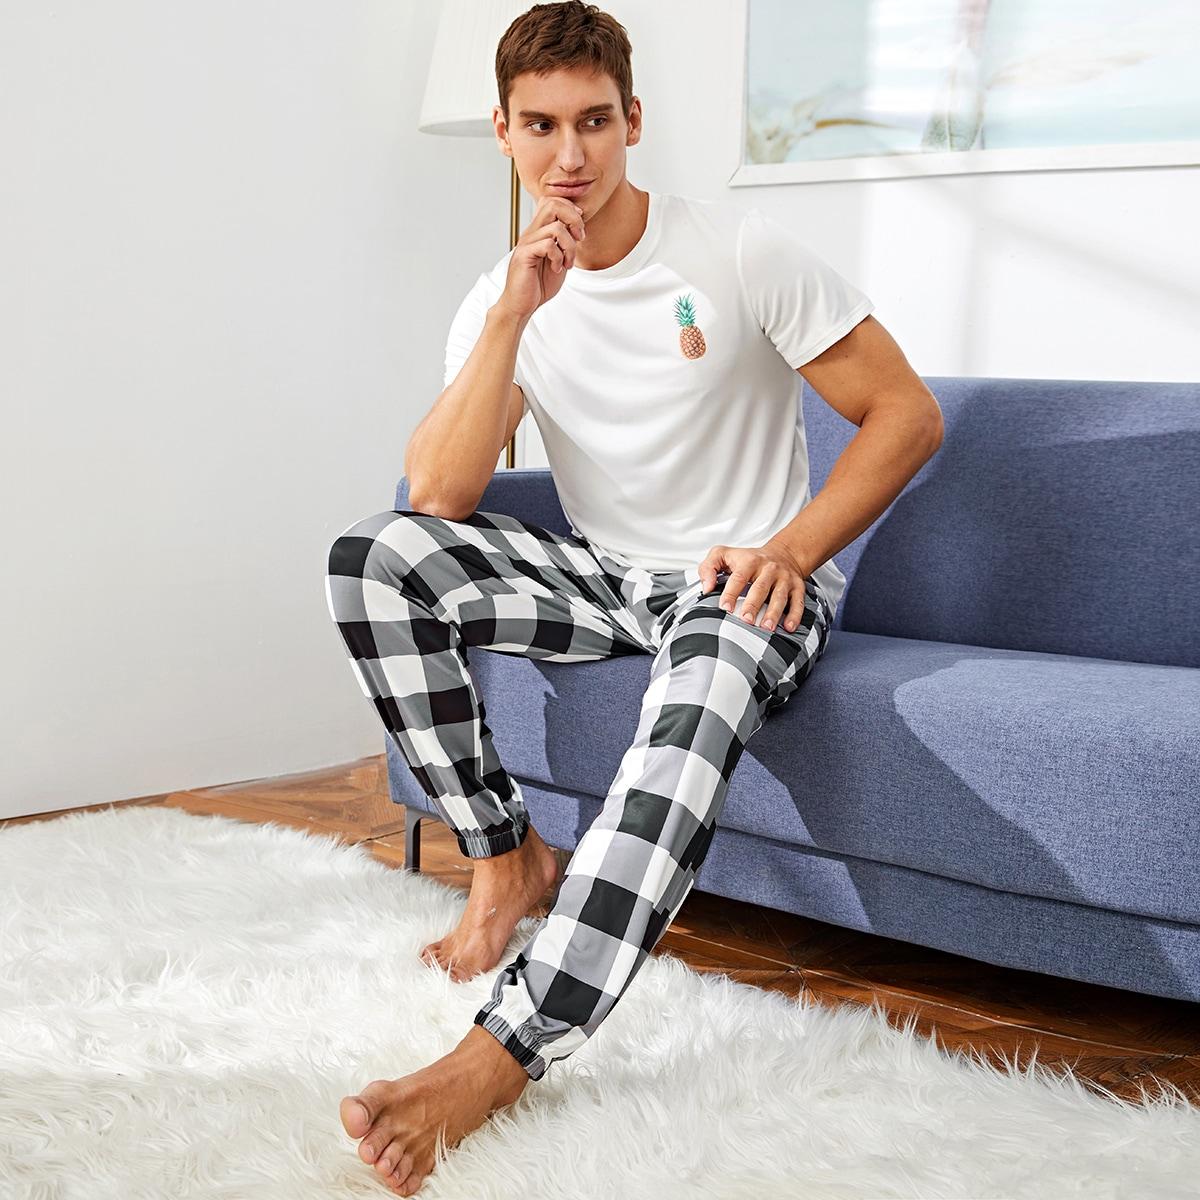 Мужская пижама в клетку с принтом ананаса фото